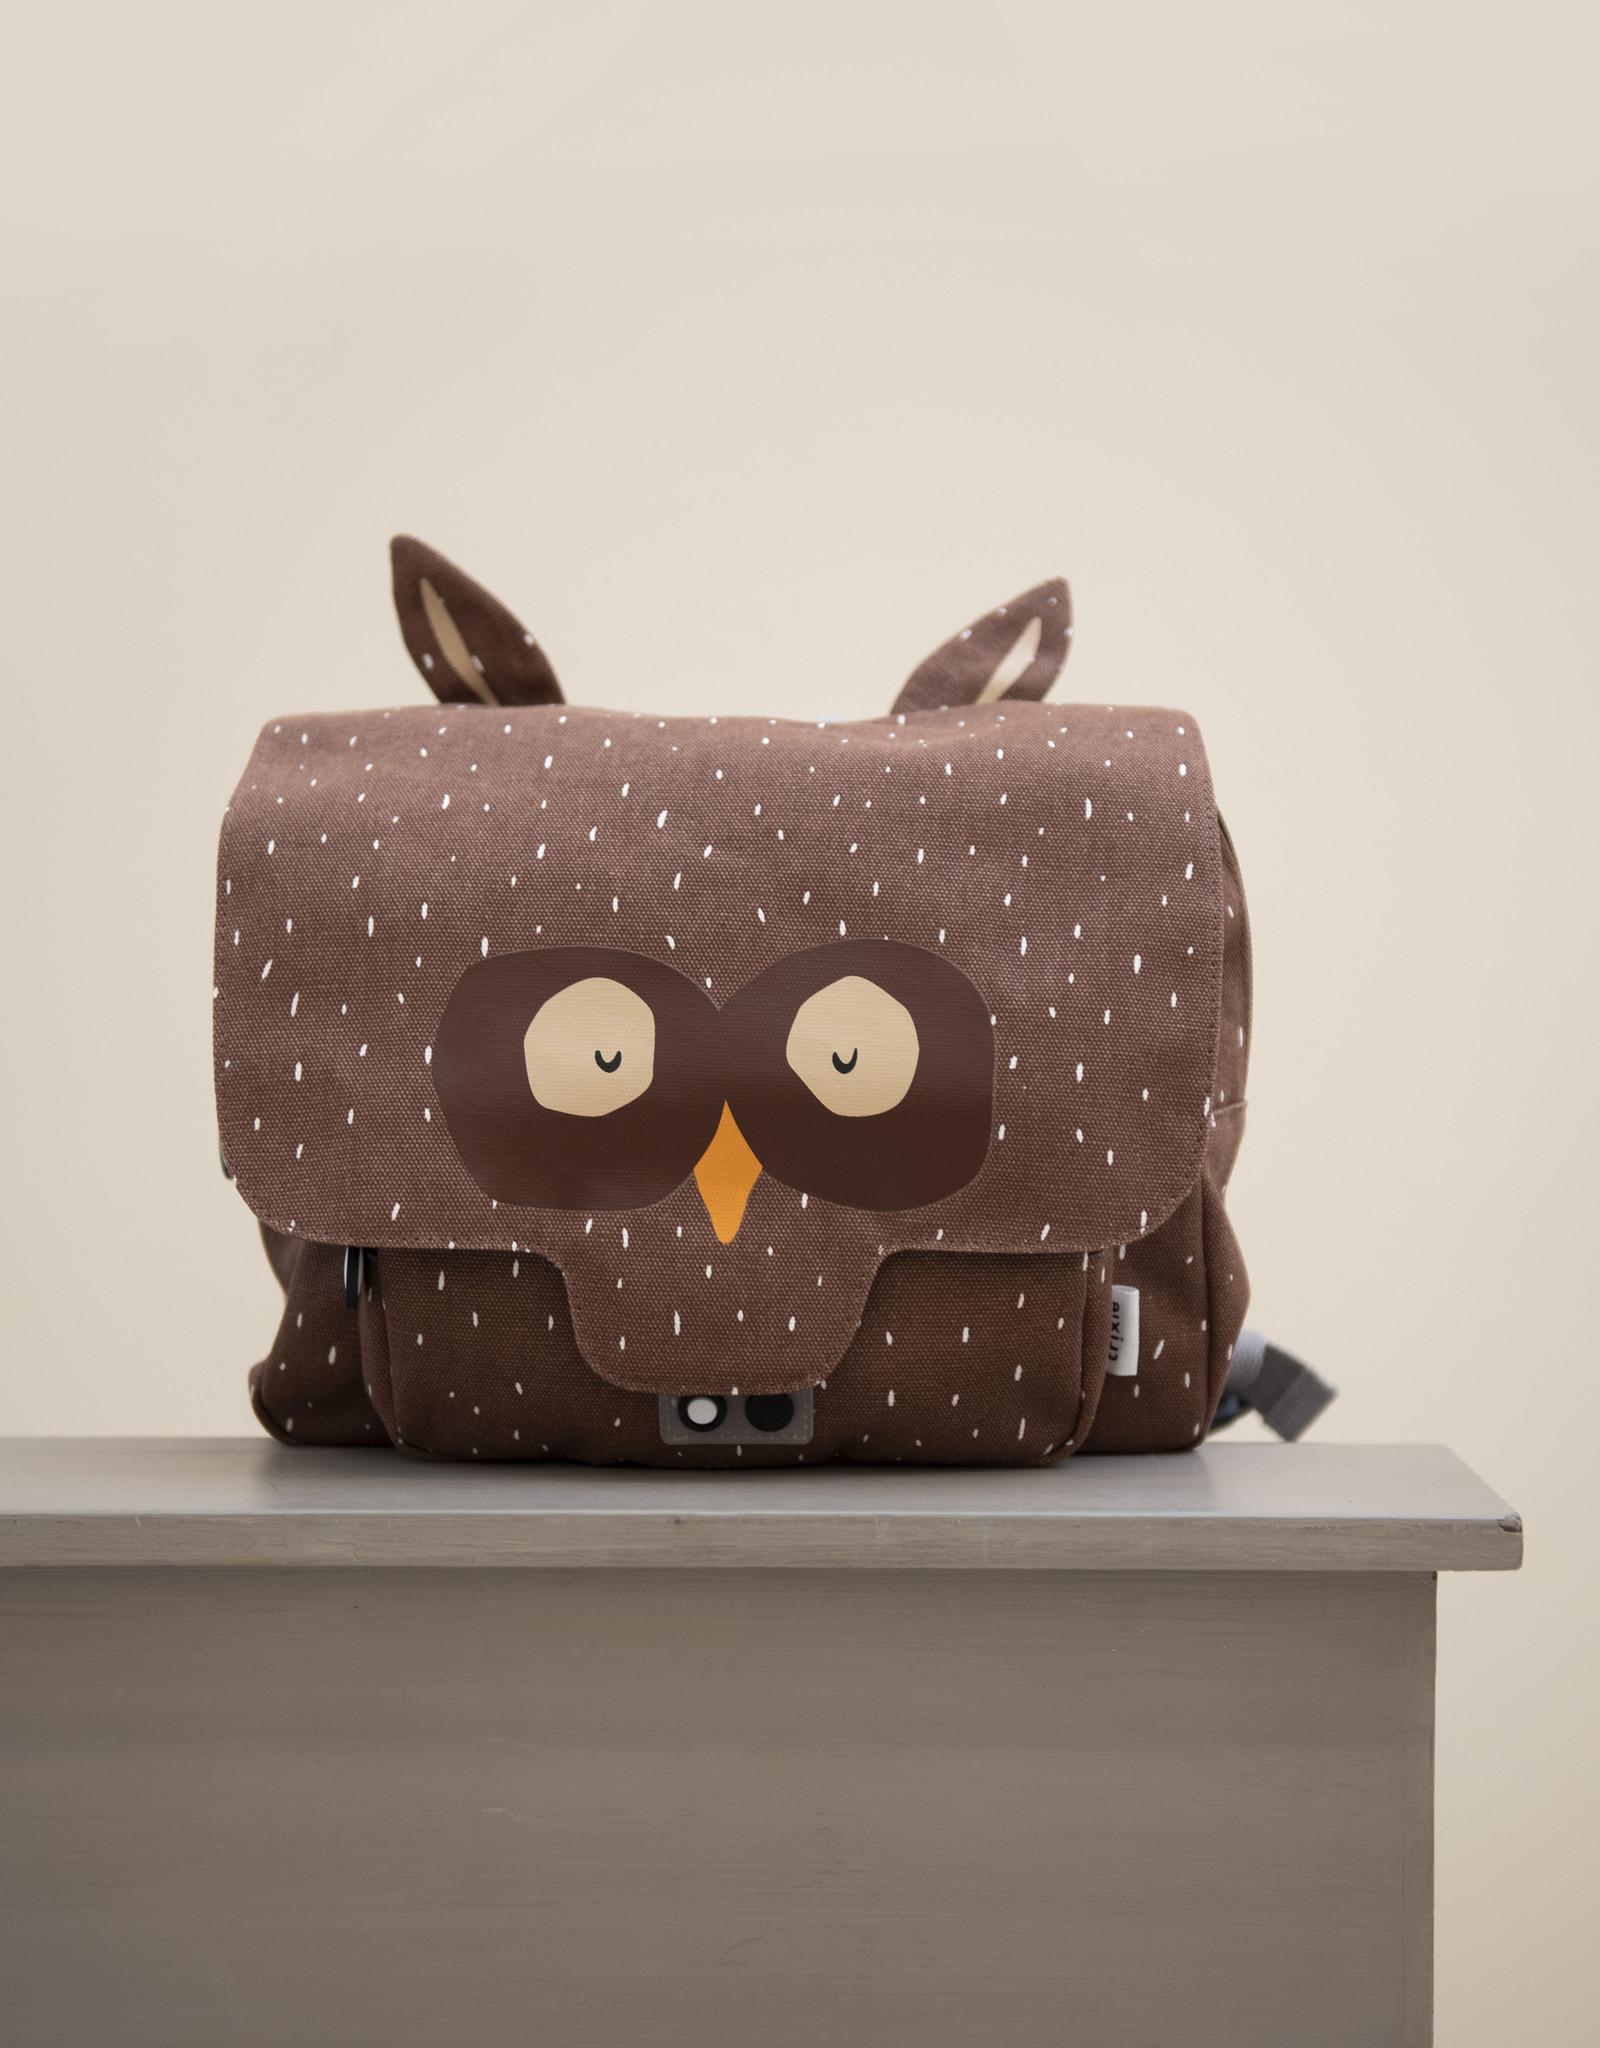 Trixie Satchel - Mr. Owl